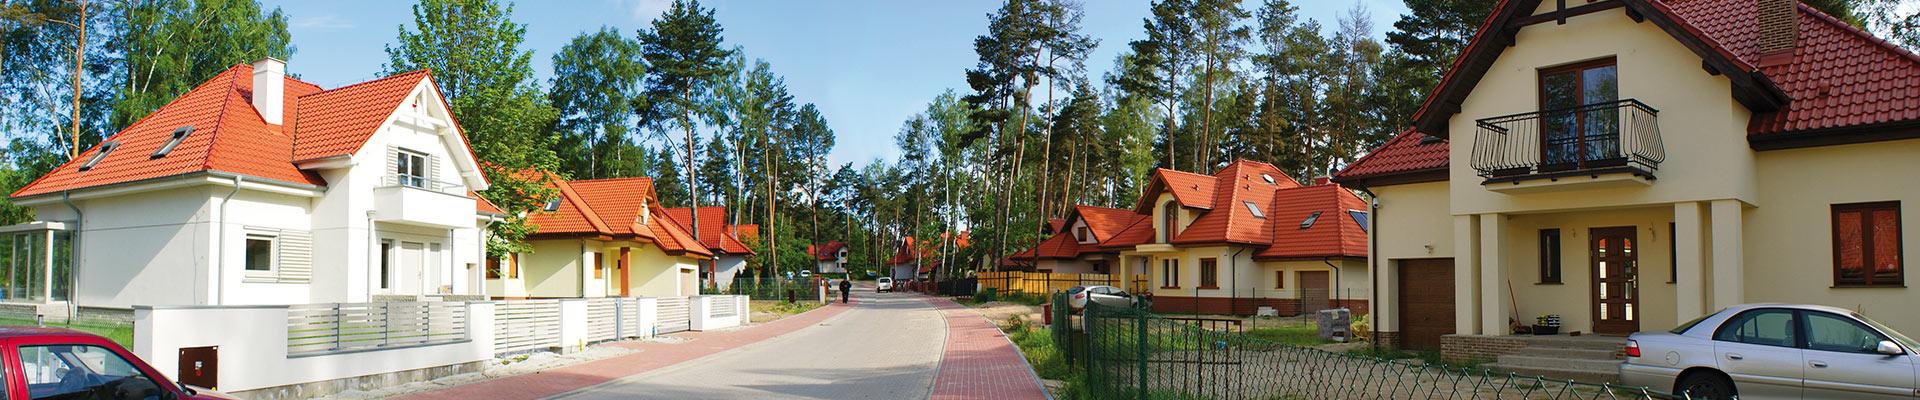 Osiedle Błękitny Staw koło Poznania